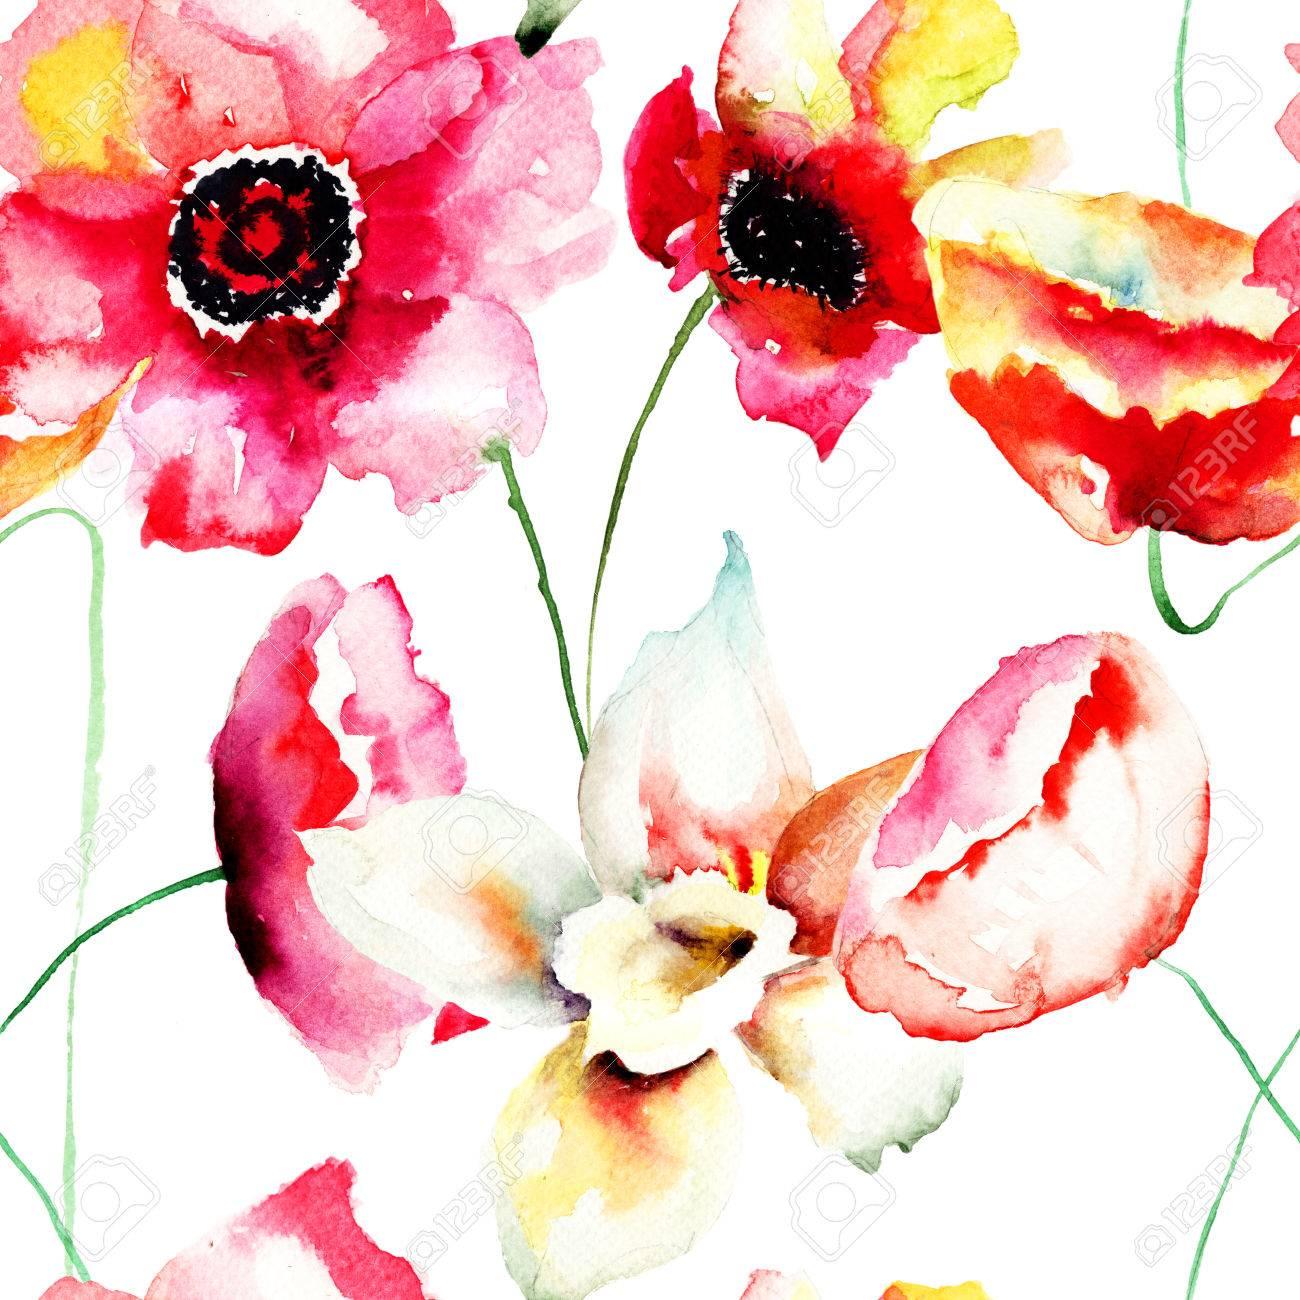 水彩イラスト 色鮮やかな赤い花を持つシームレスな壁紙 の写真素材